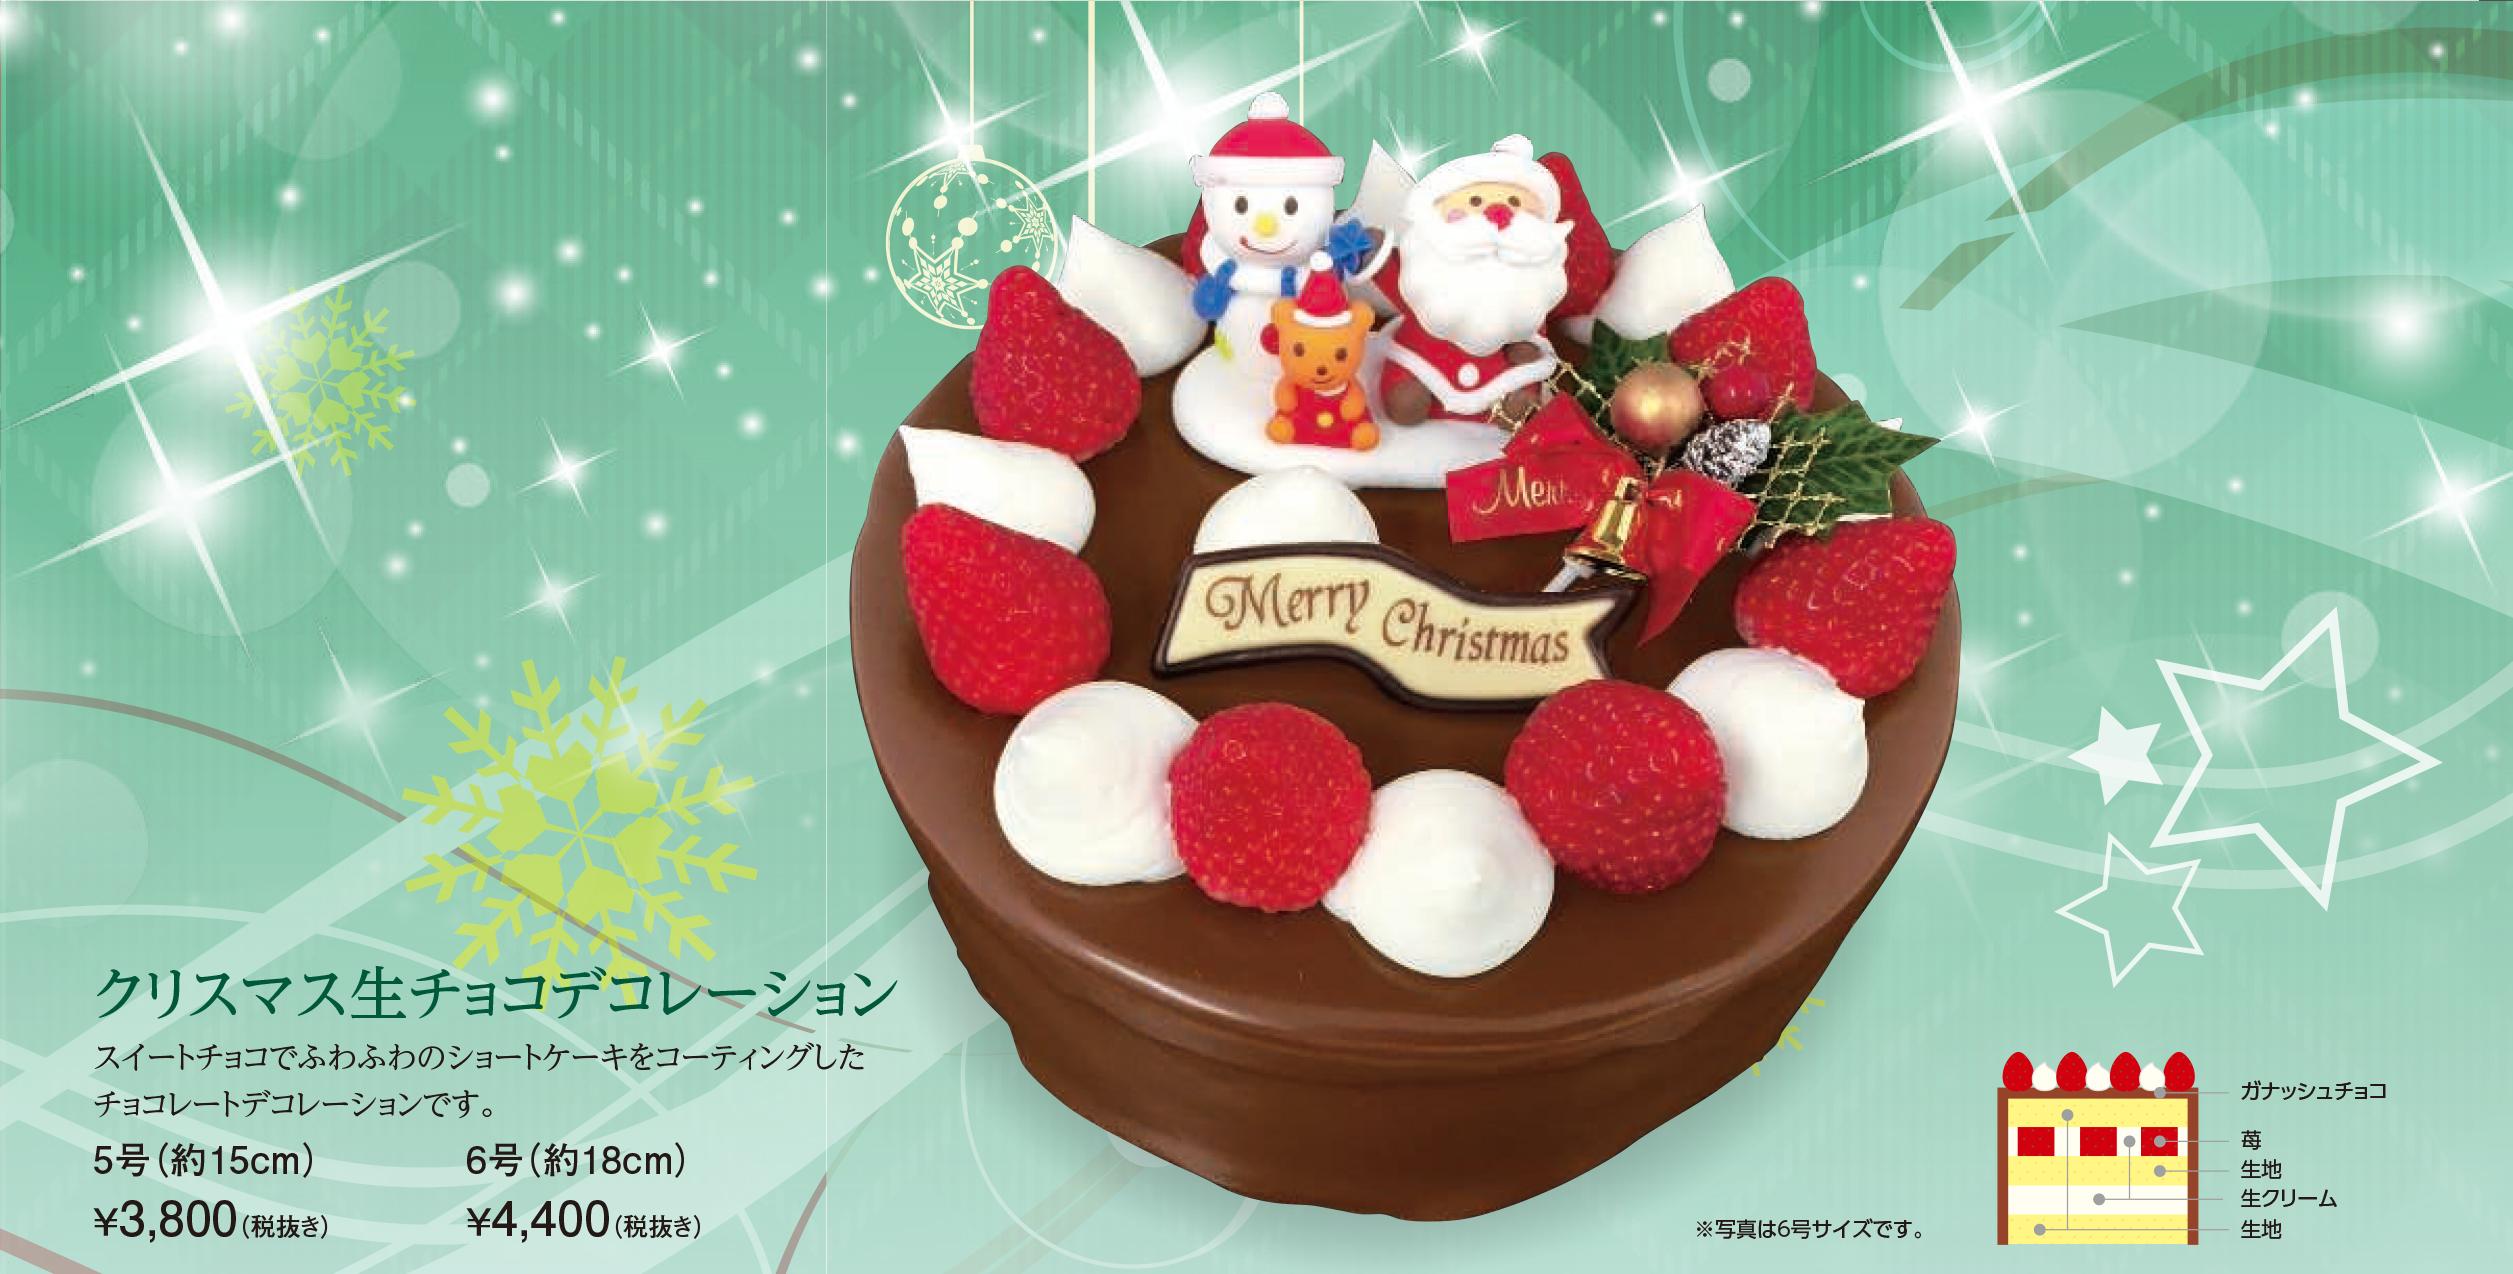 クリスマス生チョコデコレーション